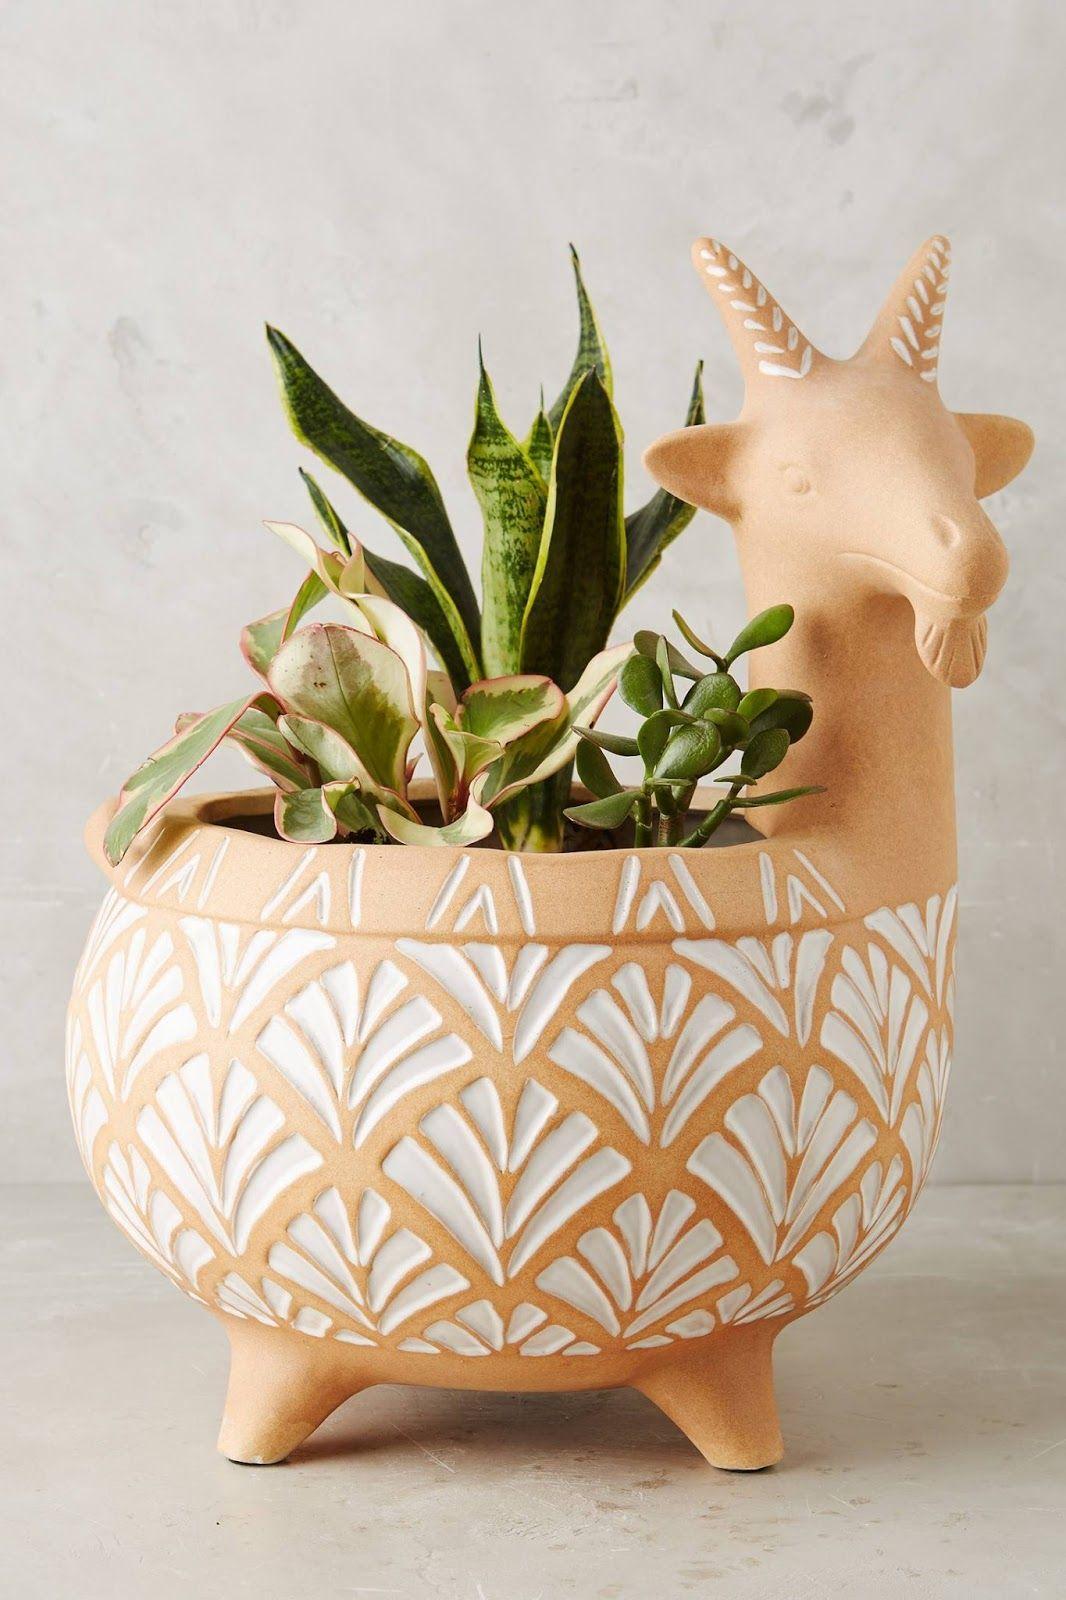 Aprendacultivar Br Como Plantar Flores Plantas Frutíferas Orquídeas Suculentas Cactos Folhagens Gramados E Jardins